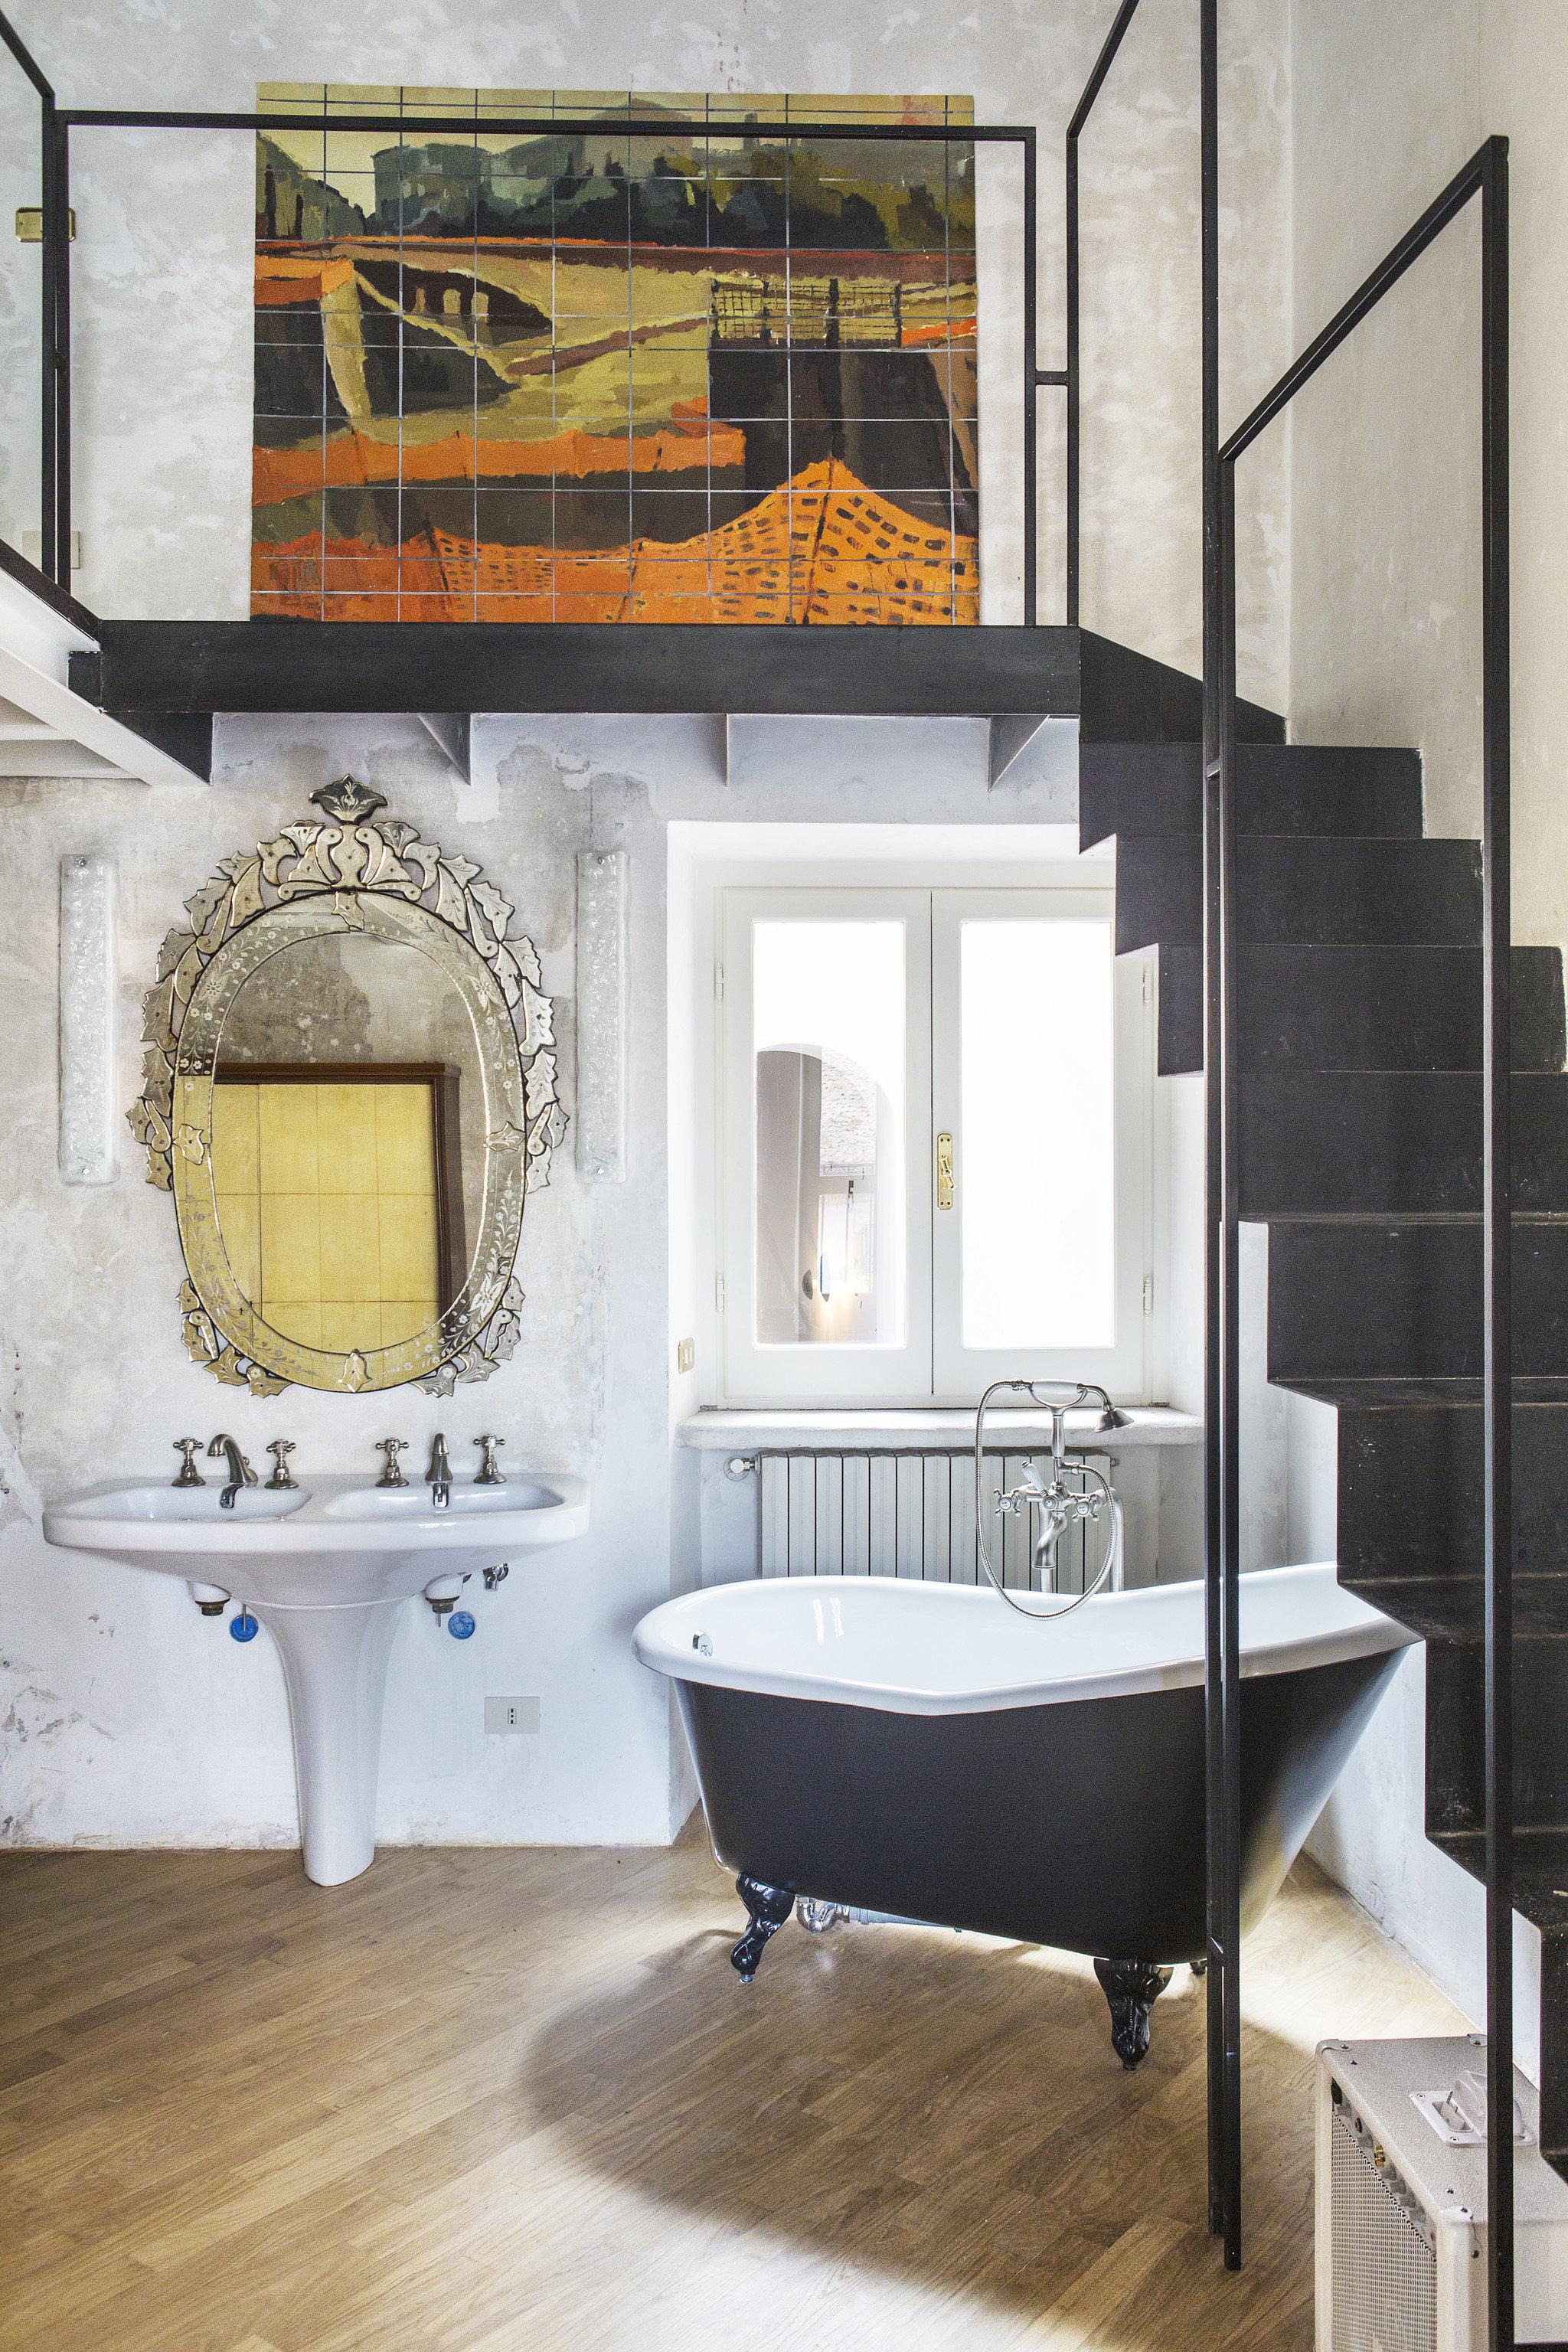 Hotels indoor floor wall room bathroom house living room home interior design flooring Design tile estate furniture plumbing fixture